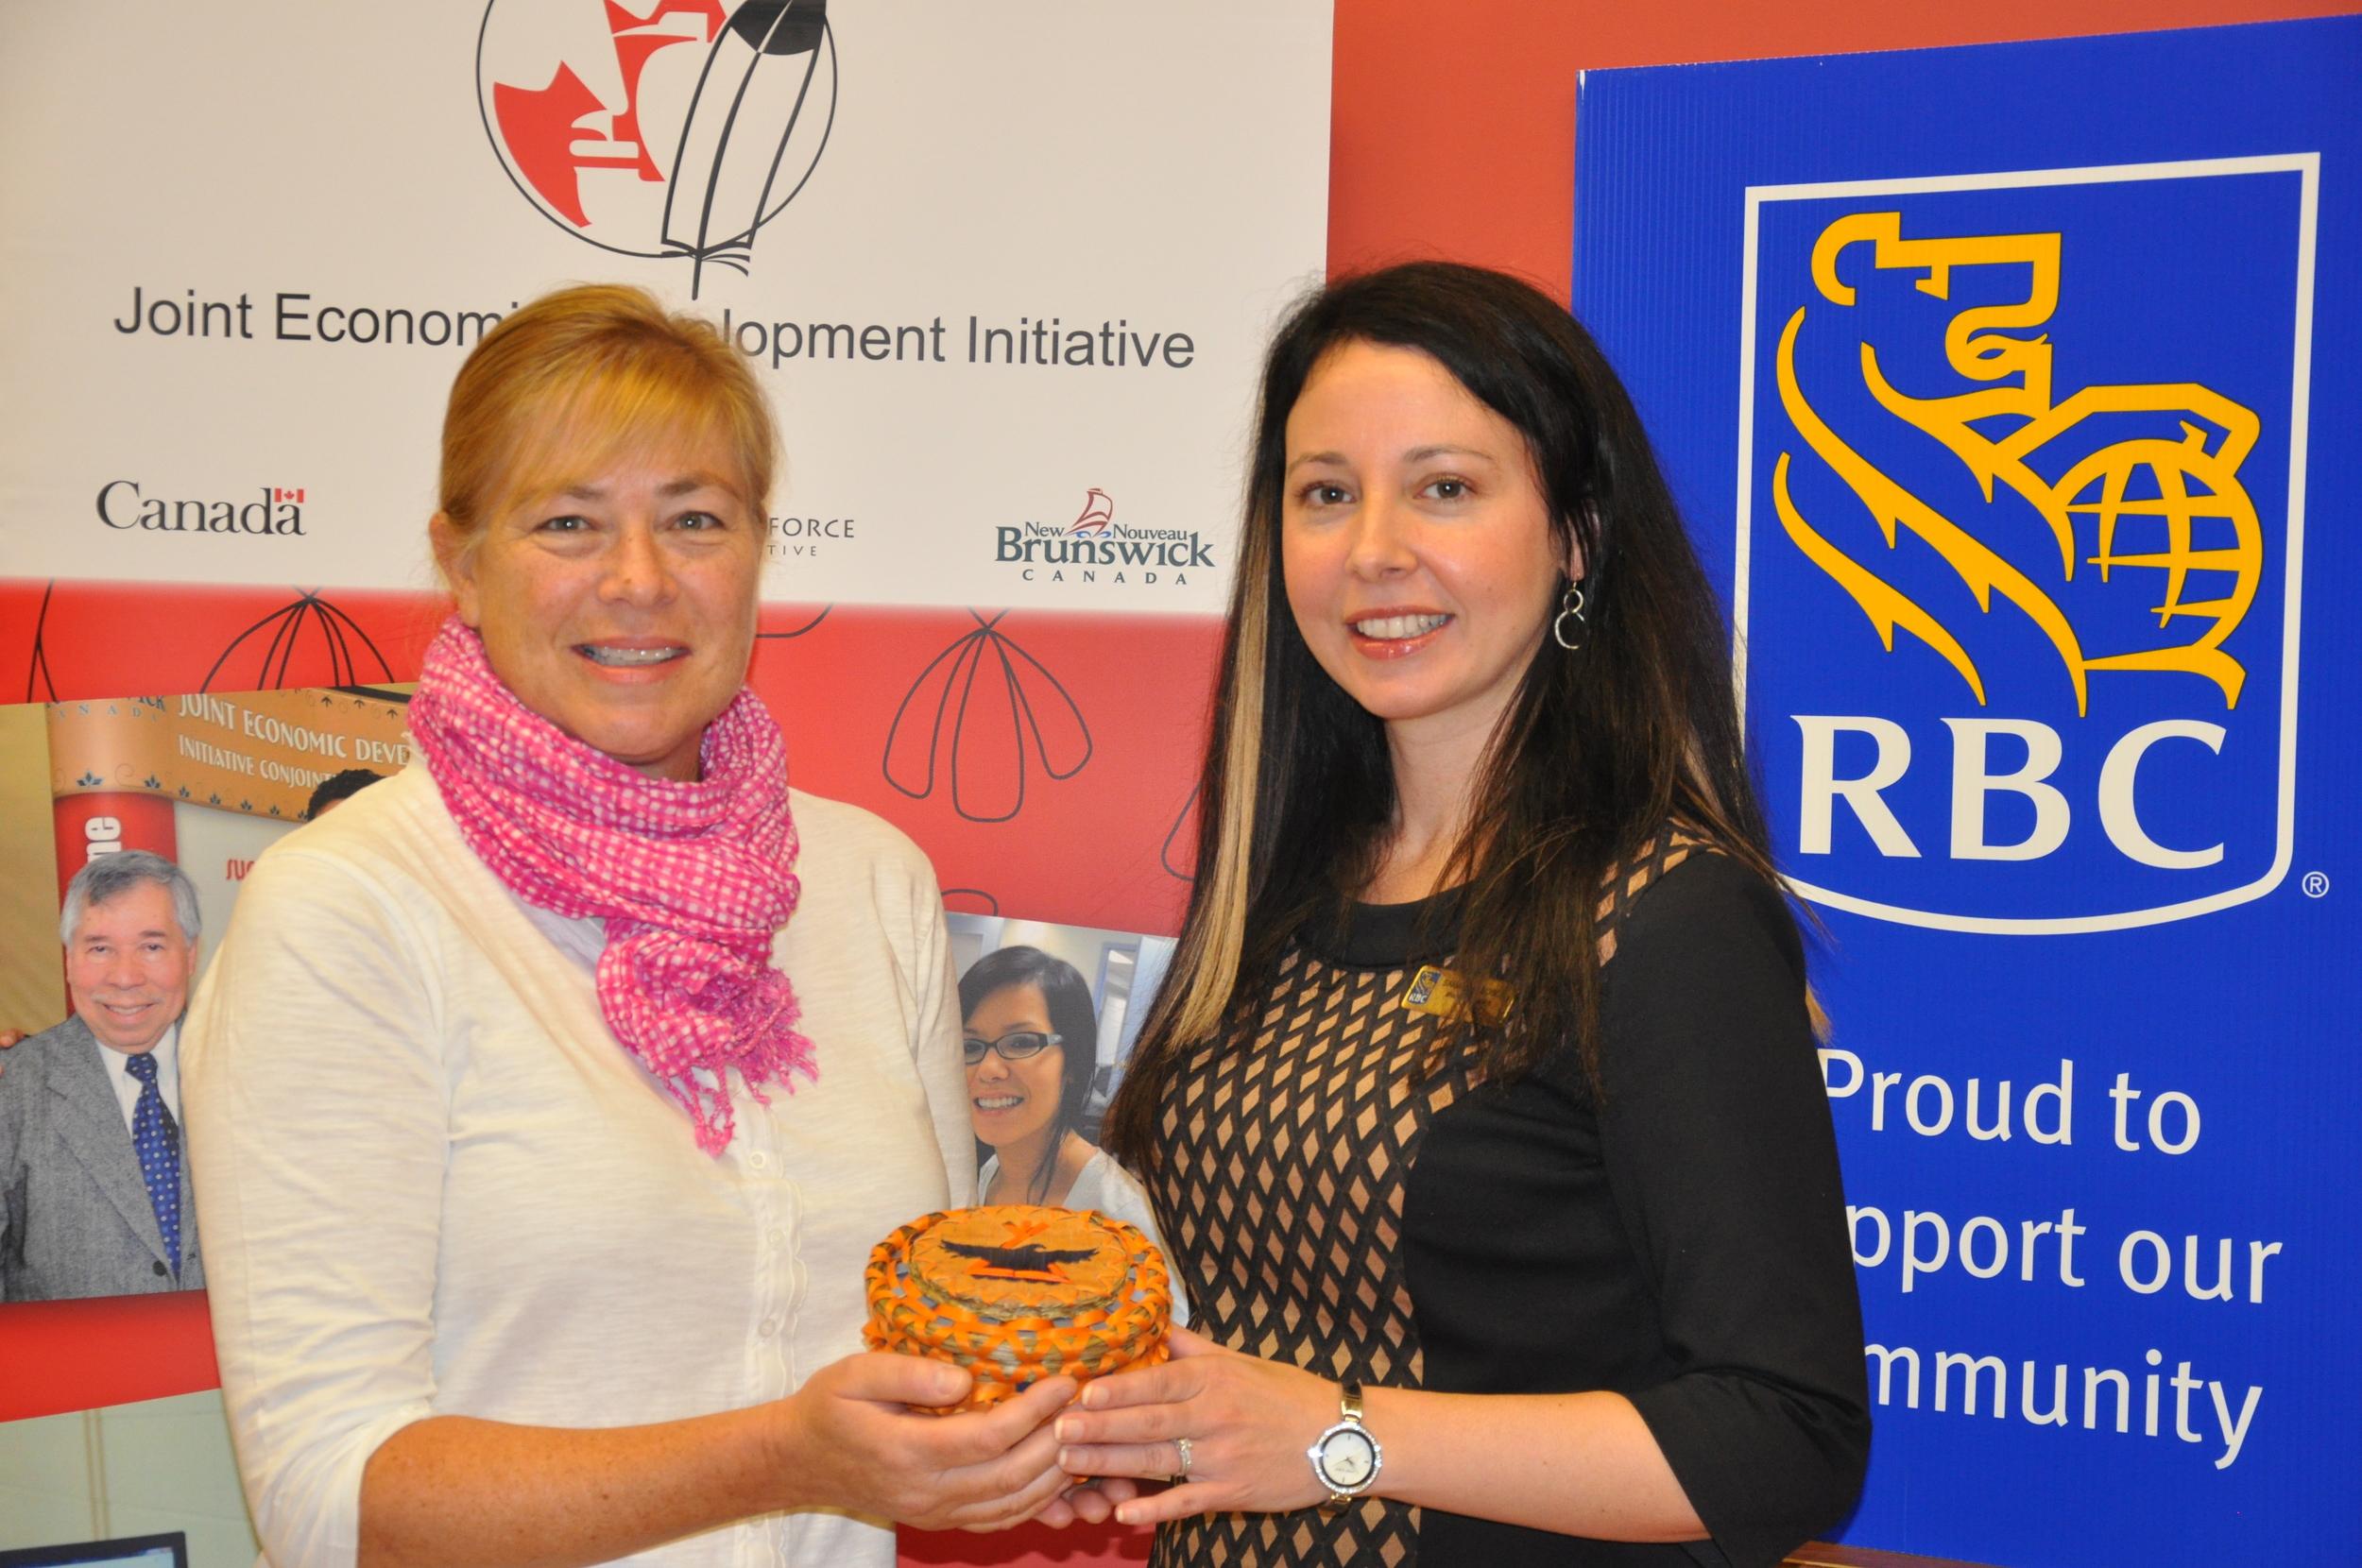 Lynn Poole-Hughes (CEO of JEDI) and Samantha Bosca (RBC)